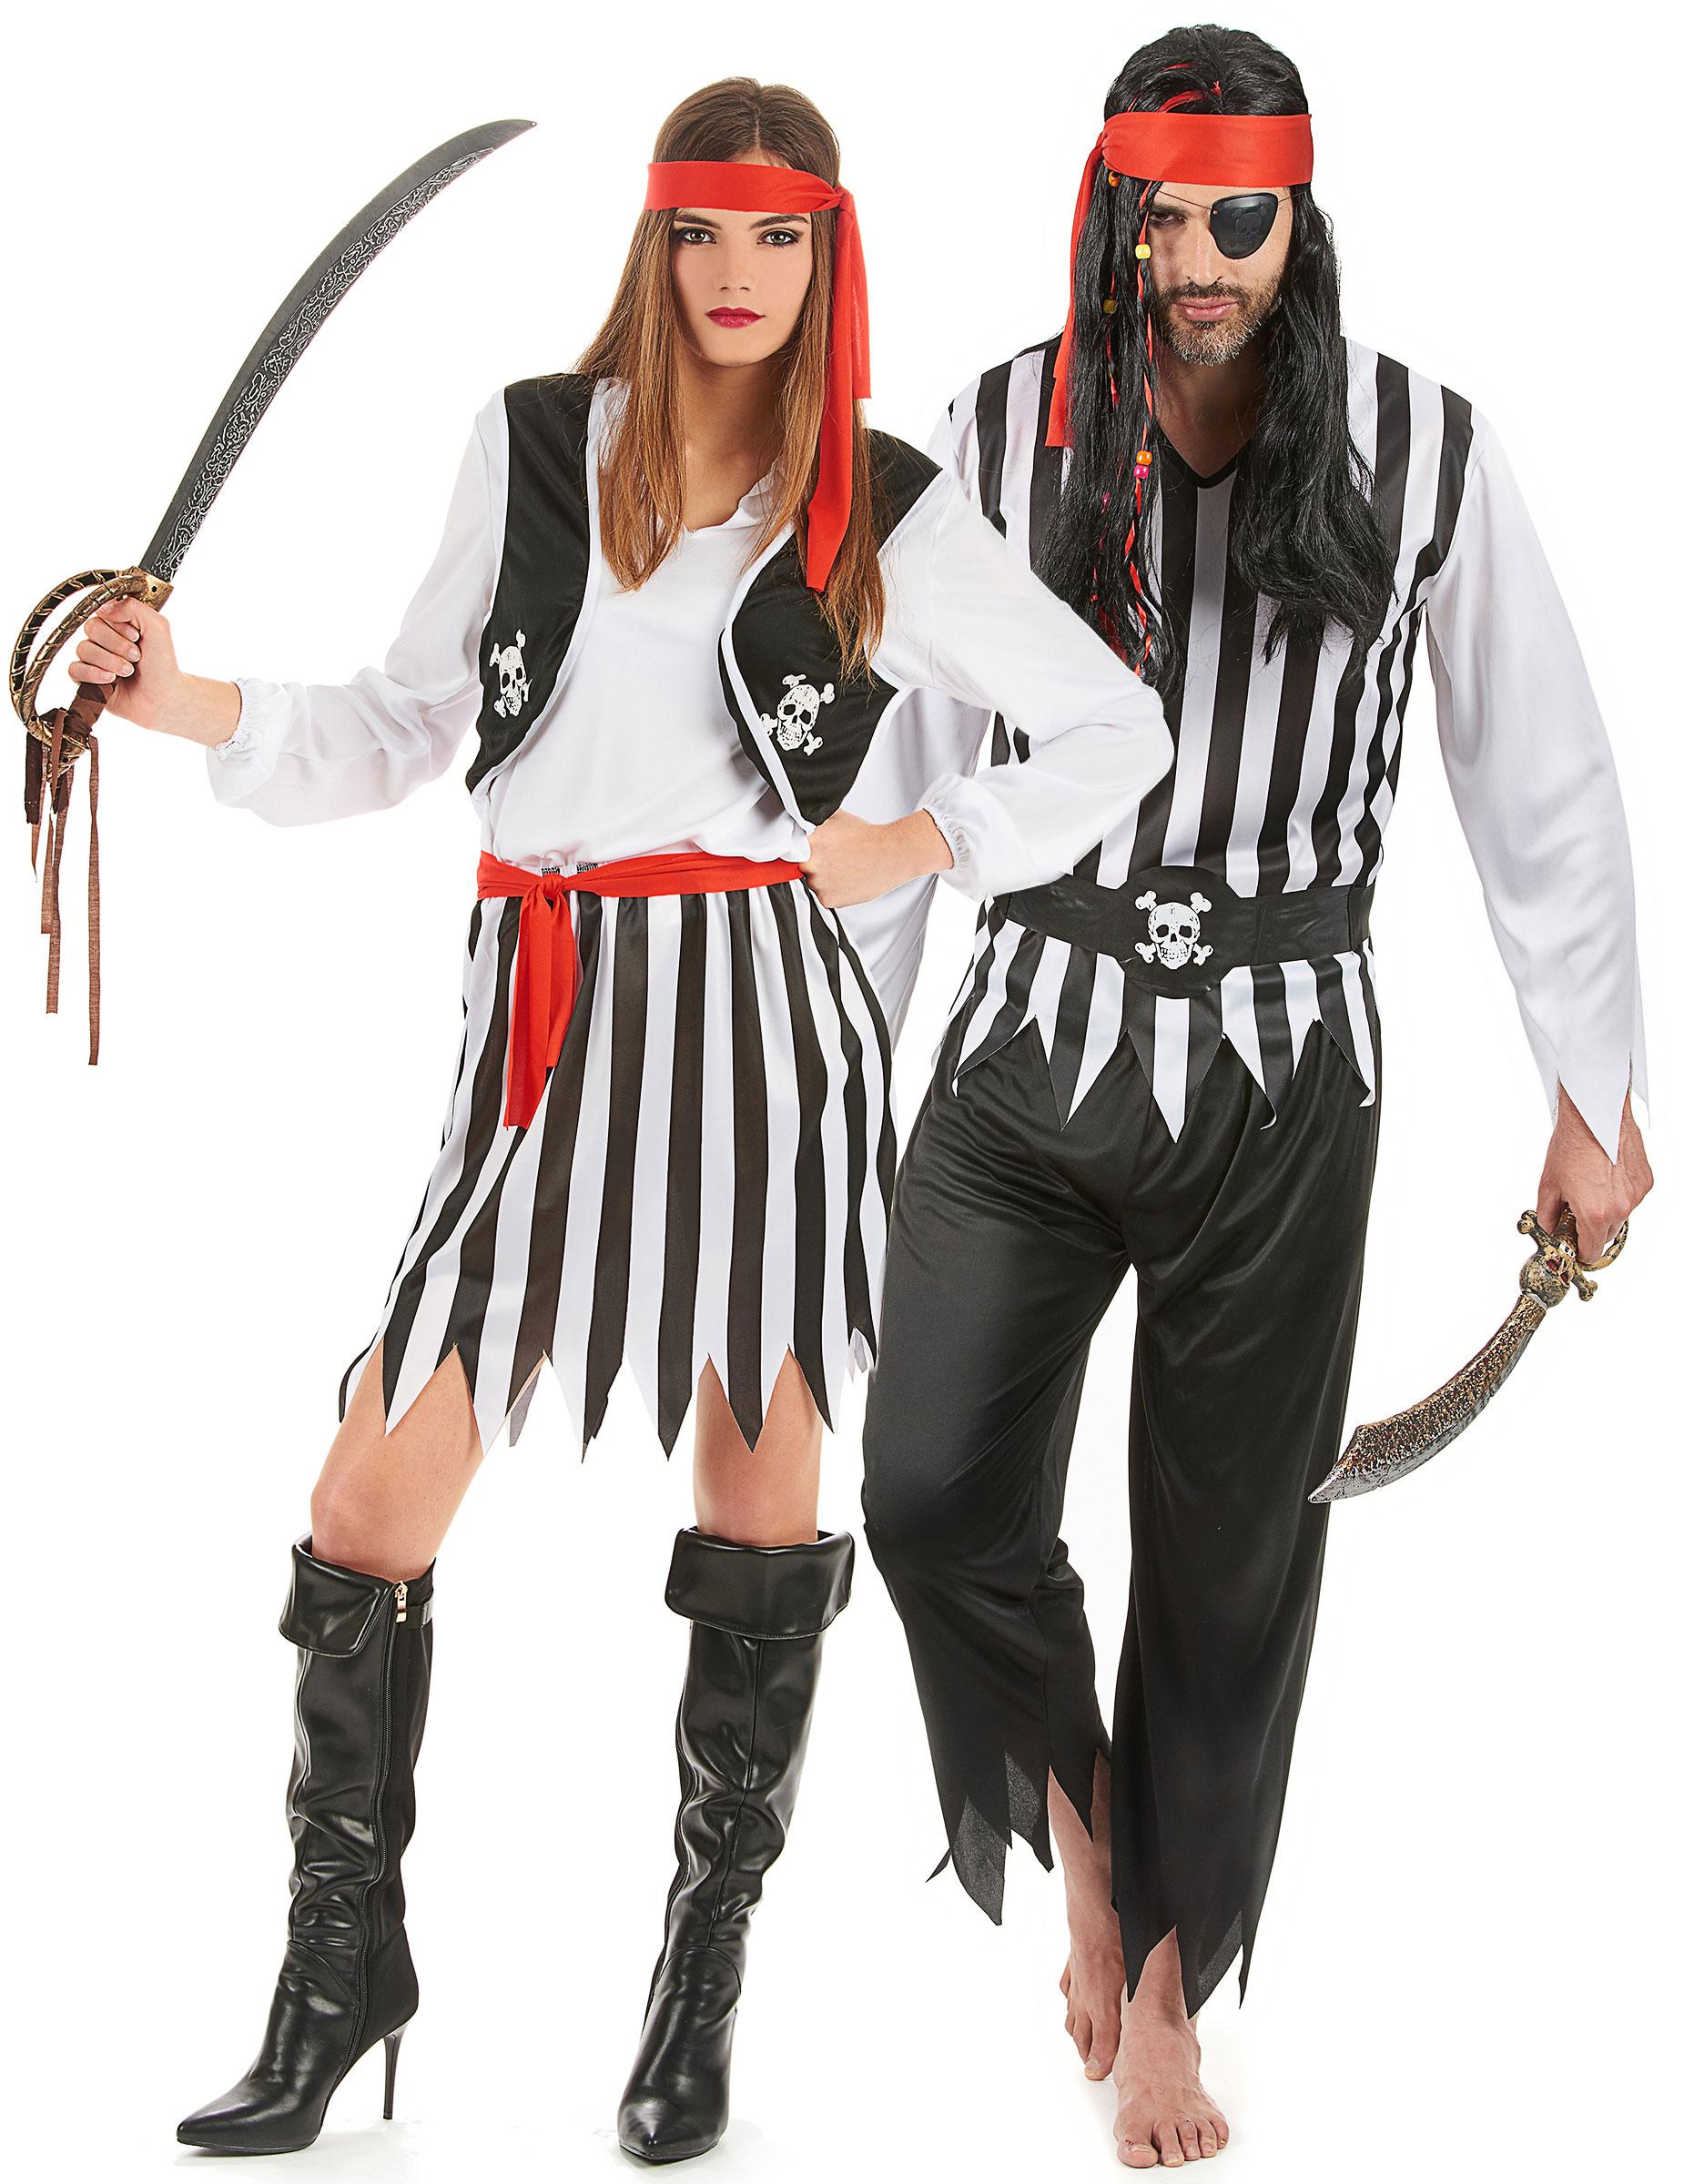 Costumi Halloween Coppia Fai Da Te. Beautiful Maschere Di Carnevale ... ea0a7fc1e8f6